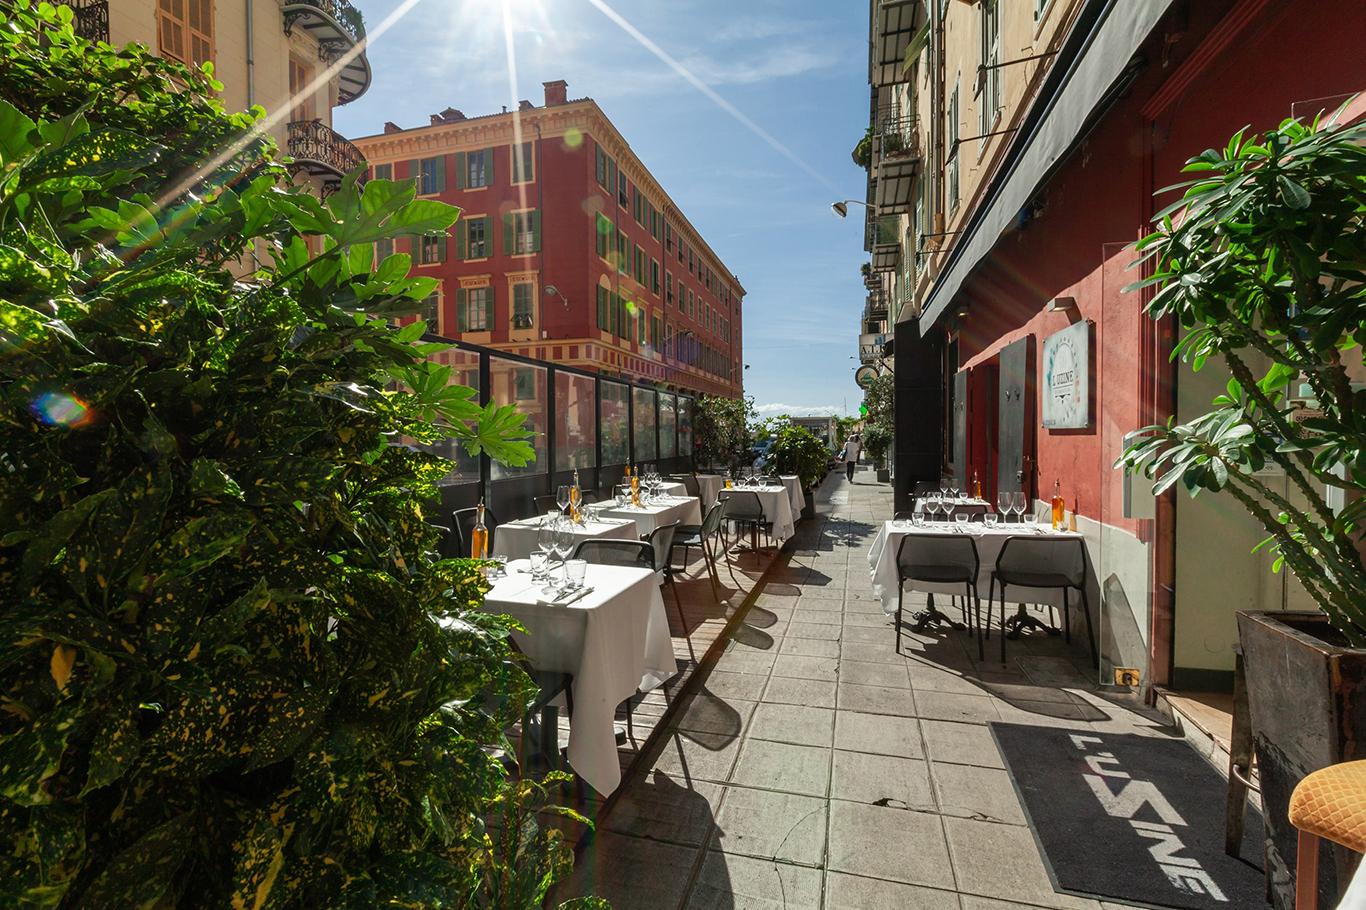 L'UZINE Restaurant idéalement situé entre le Port de Nice et la Place du Pin vous proposant une cuisine Italienne et locales. Live Music - Cocktail bar,Terrasse.